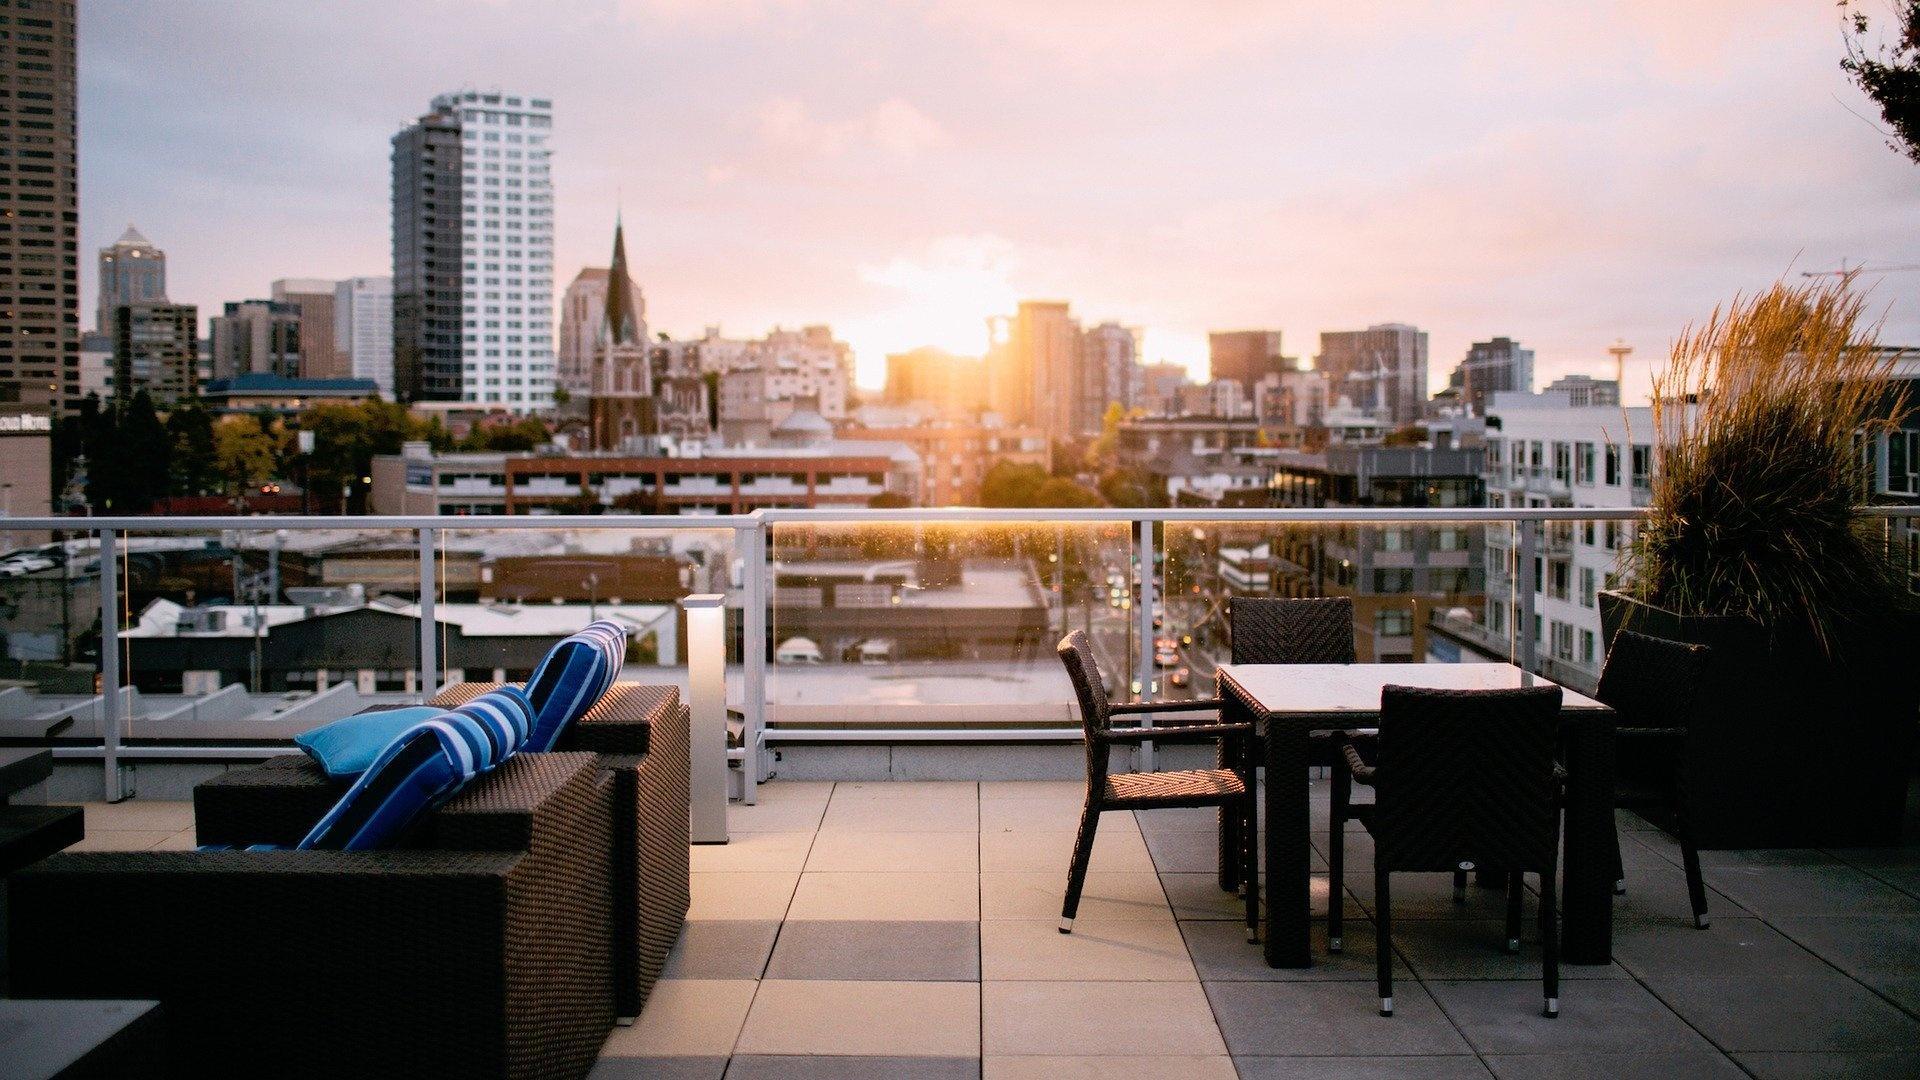 Bei der Gestaltung des Bodenbelags für eine Dachterrasse kann aus verschiedenen Materialien gewählt werden.